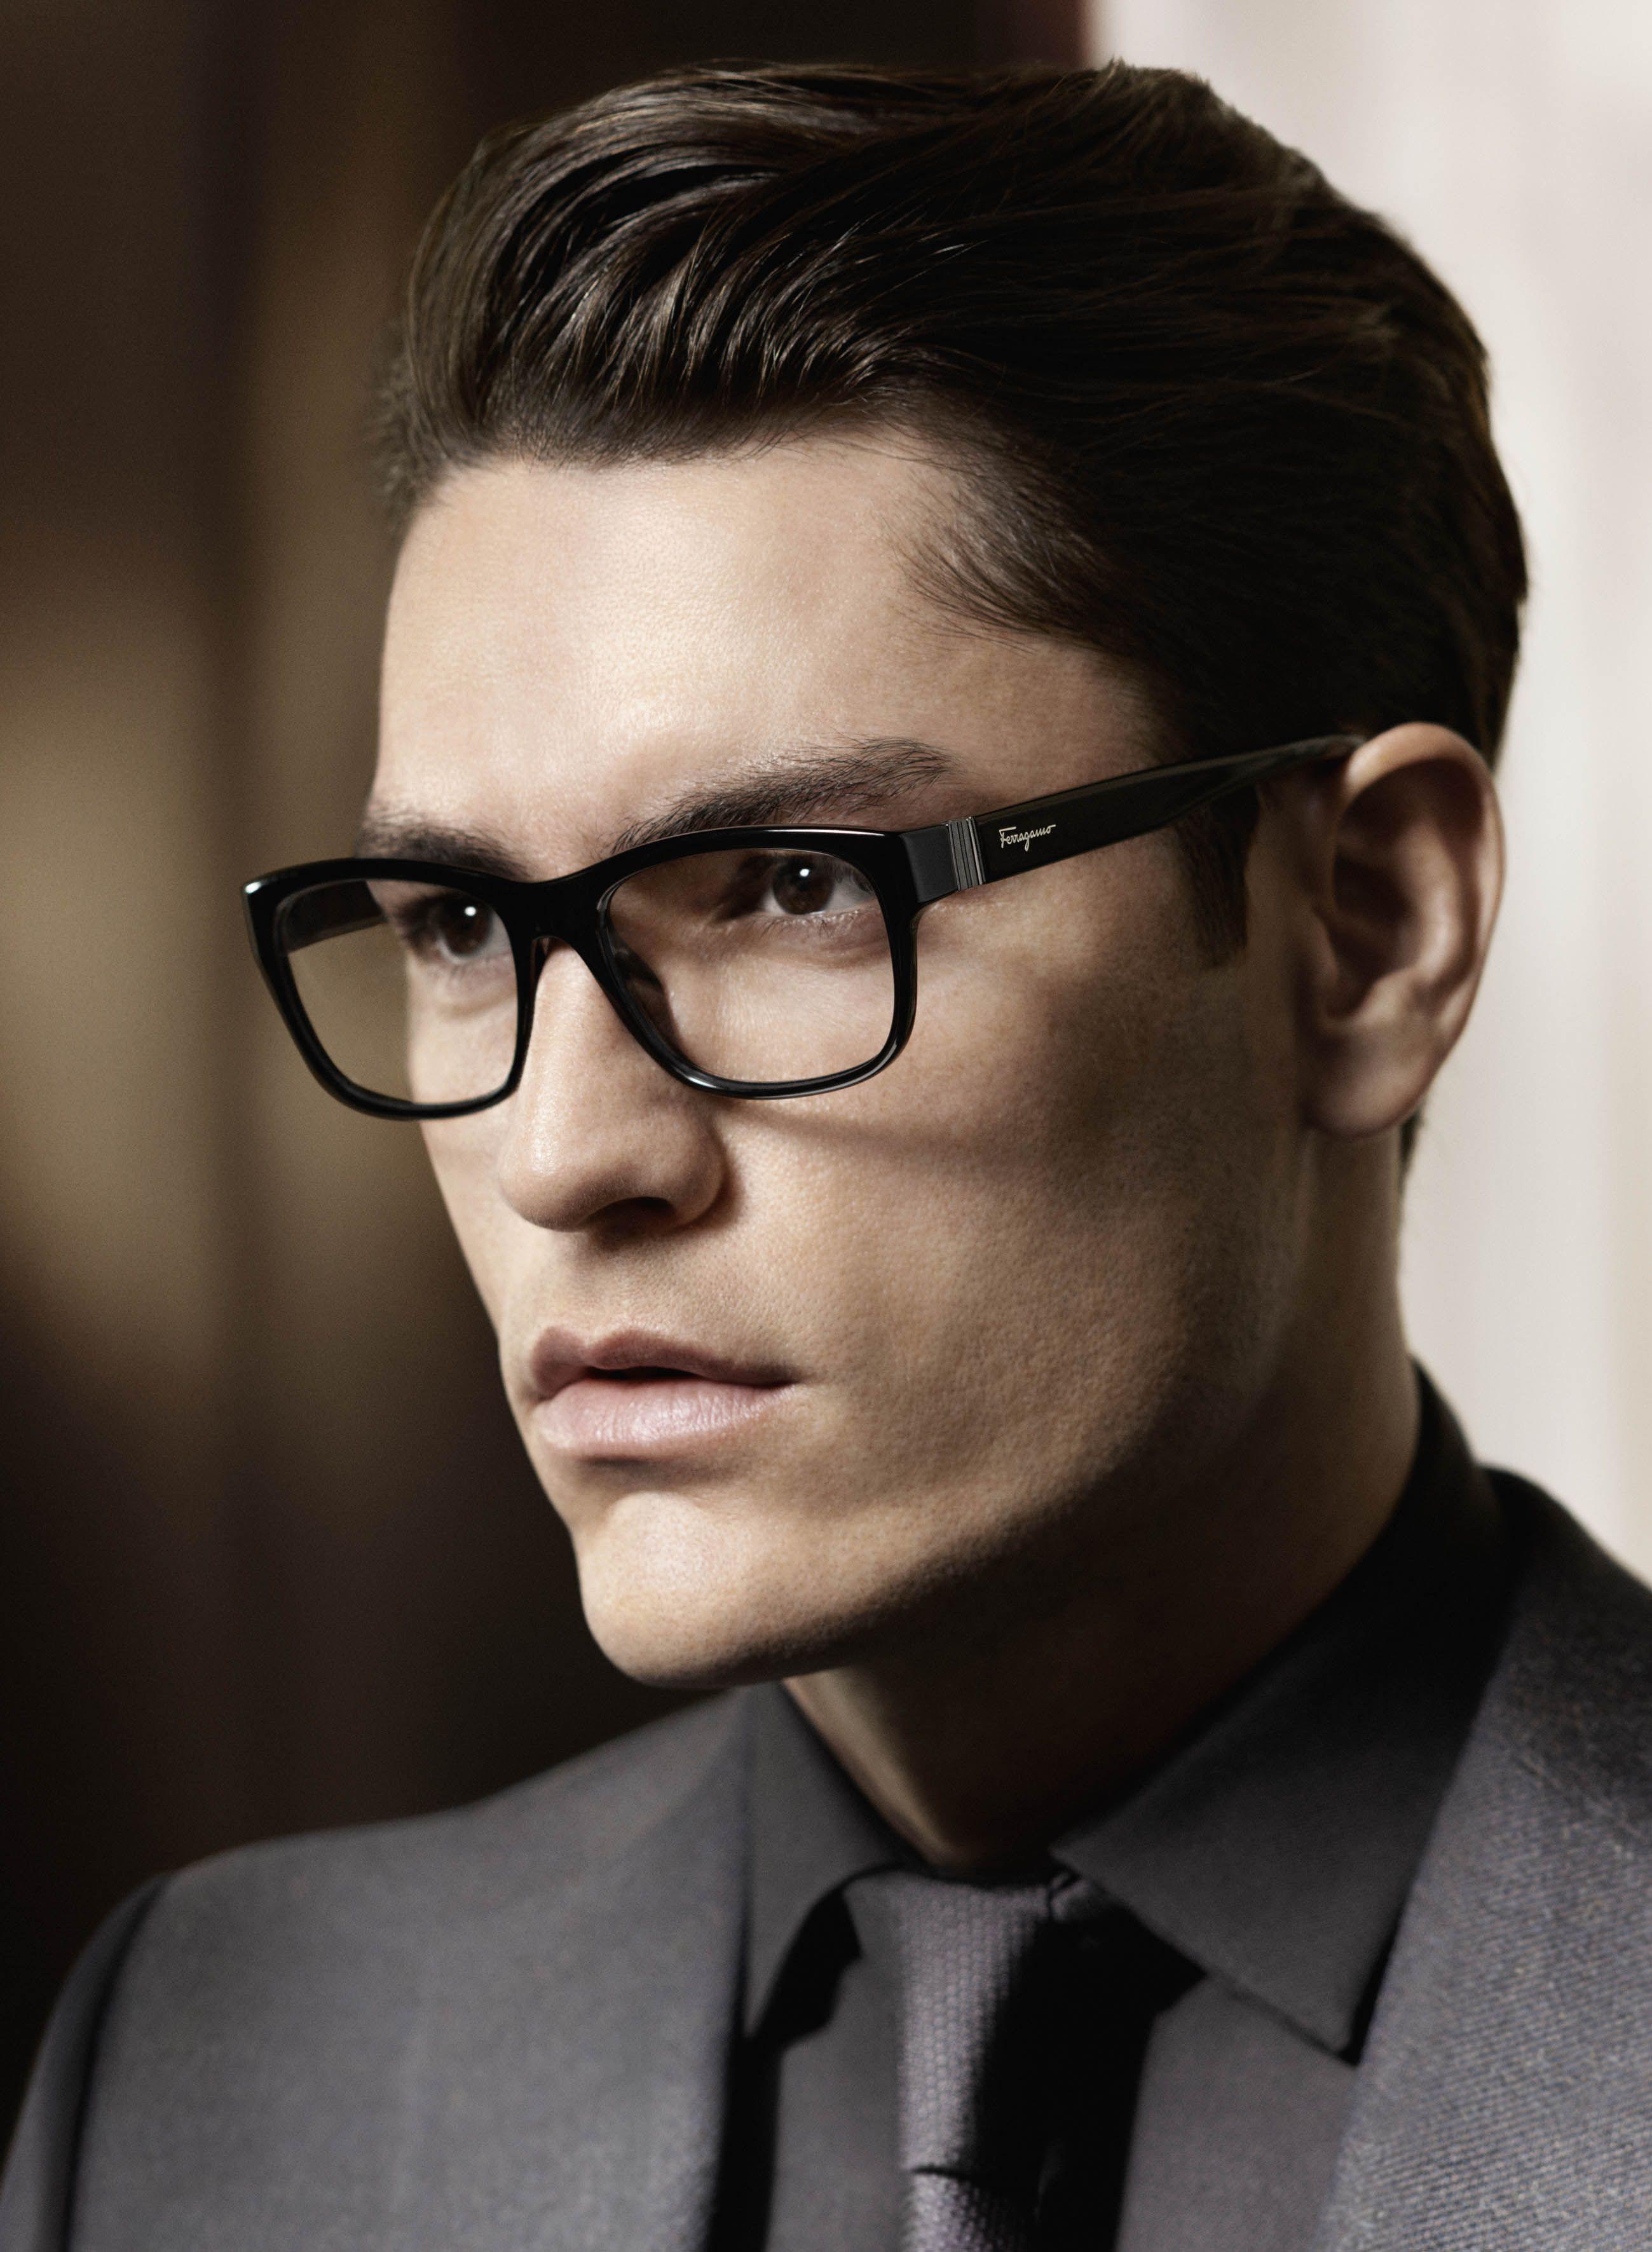 Salvatore Ferragamo Men S Glasses Fw 2013 Ad Campaign Mens